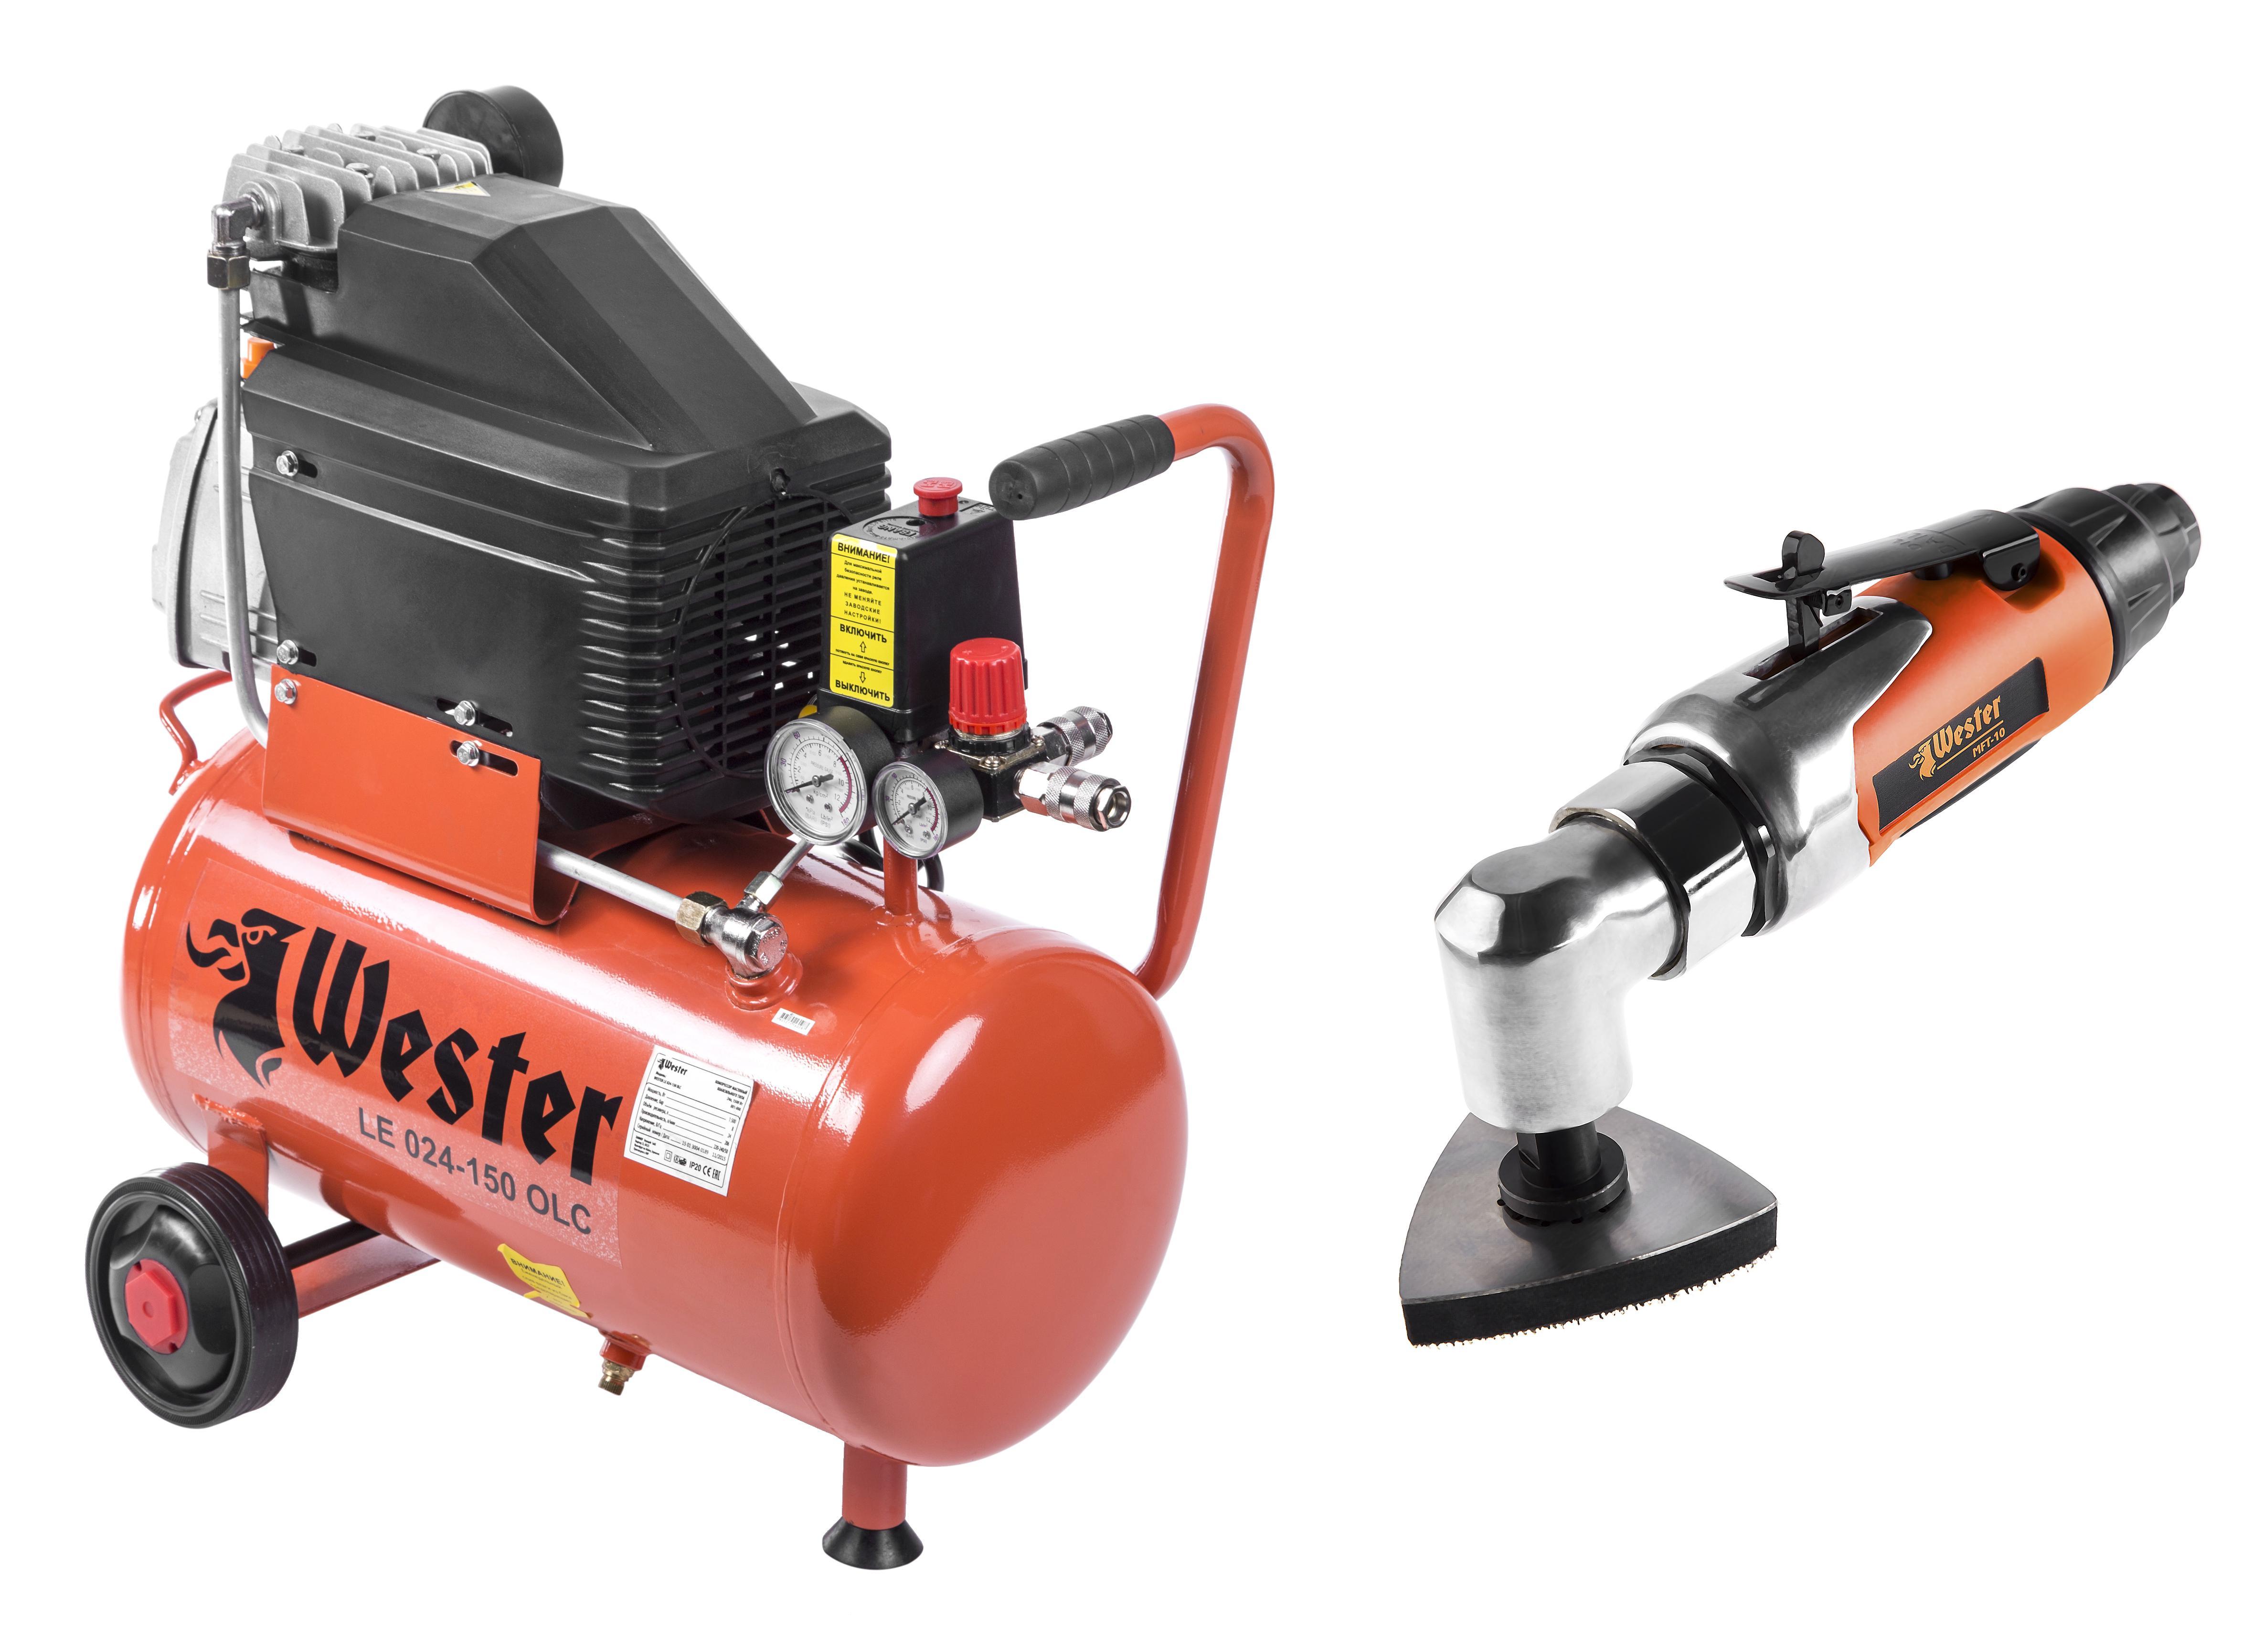 Купить Набор Wester Компрессор le 024-150 olc +Инструмент многофункциональный mft-10